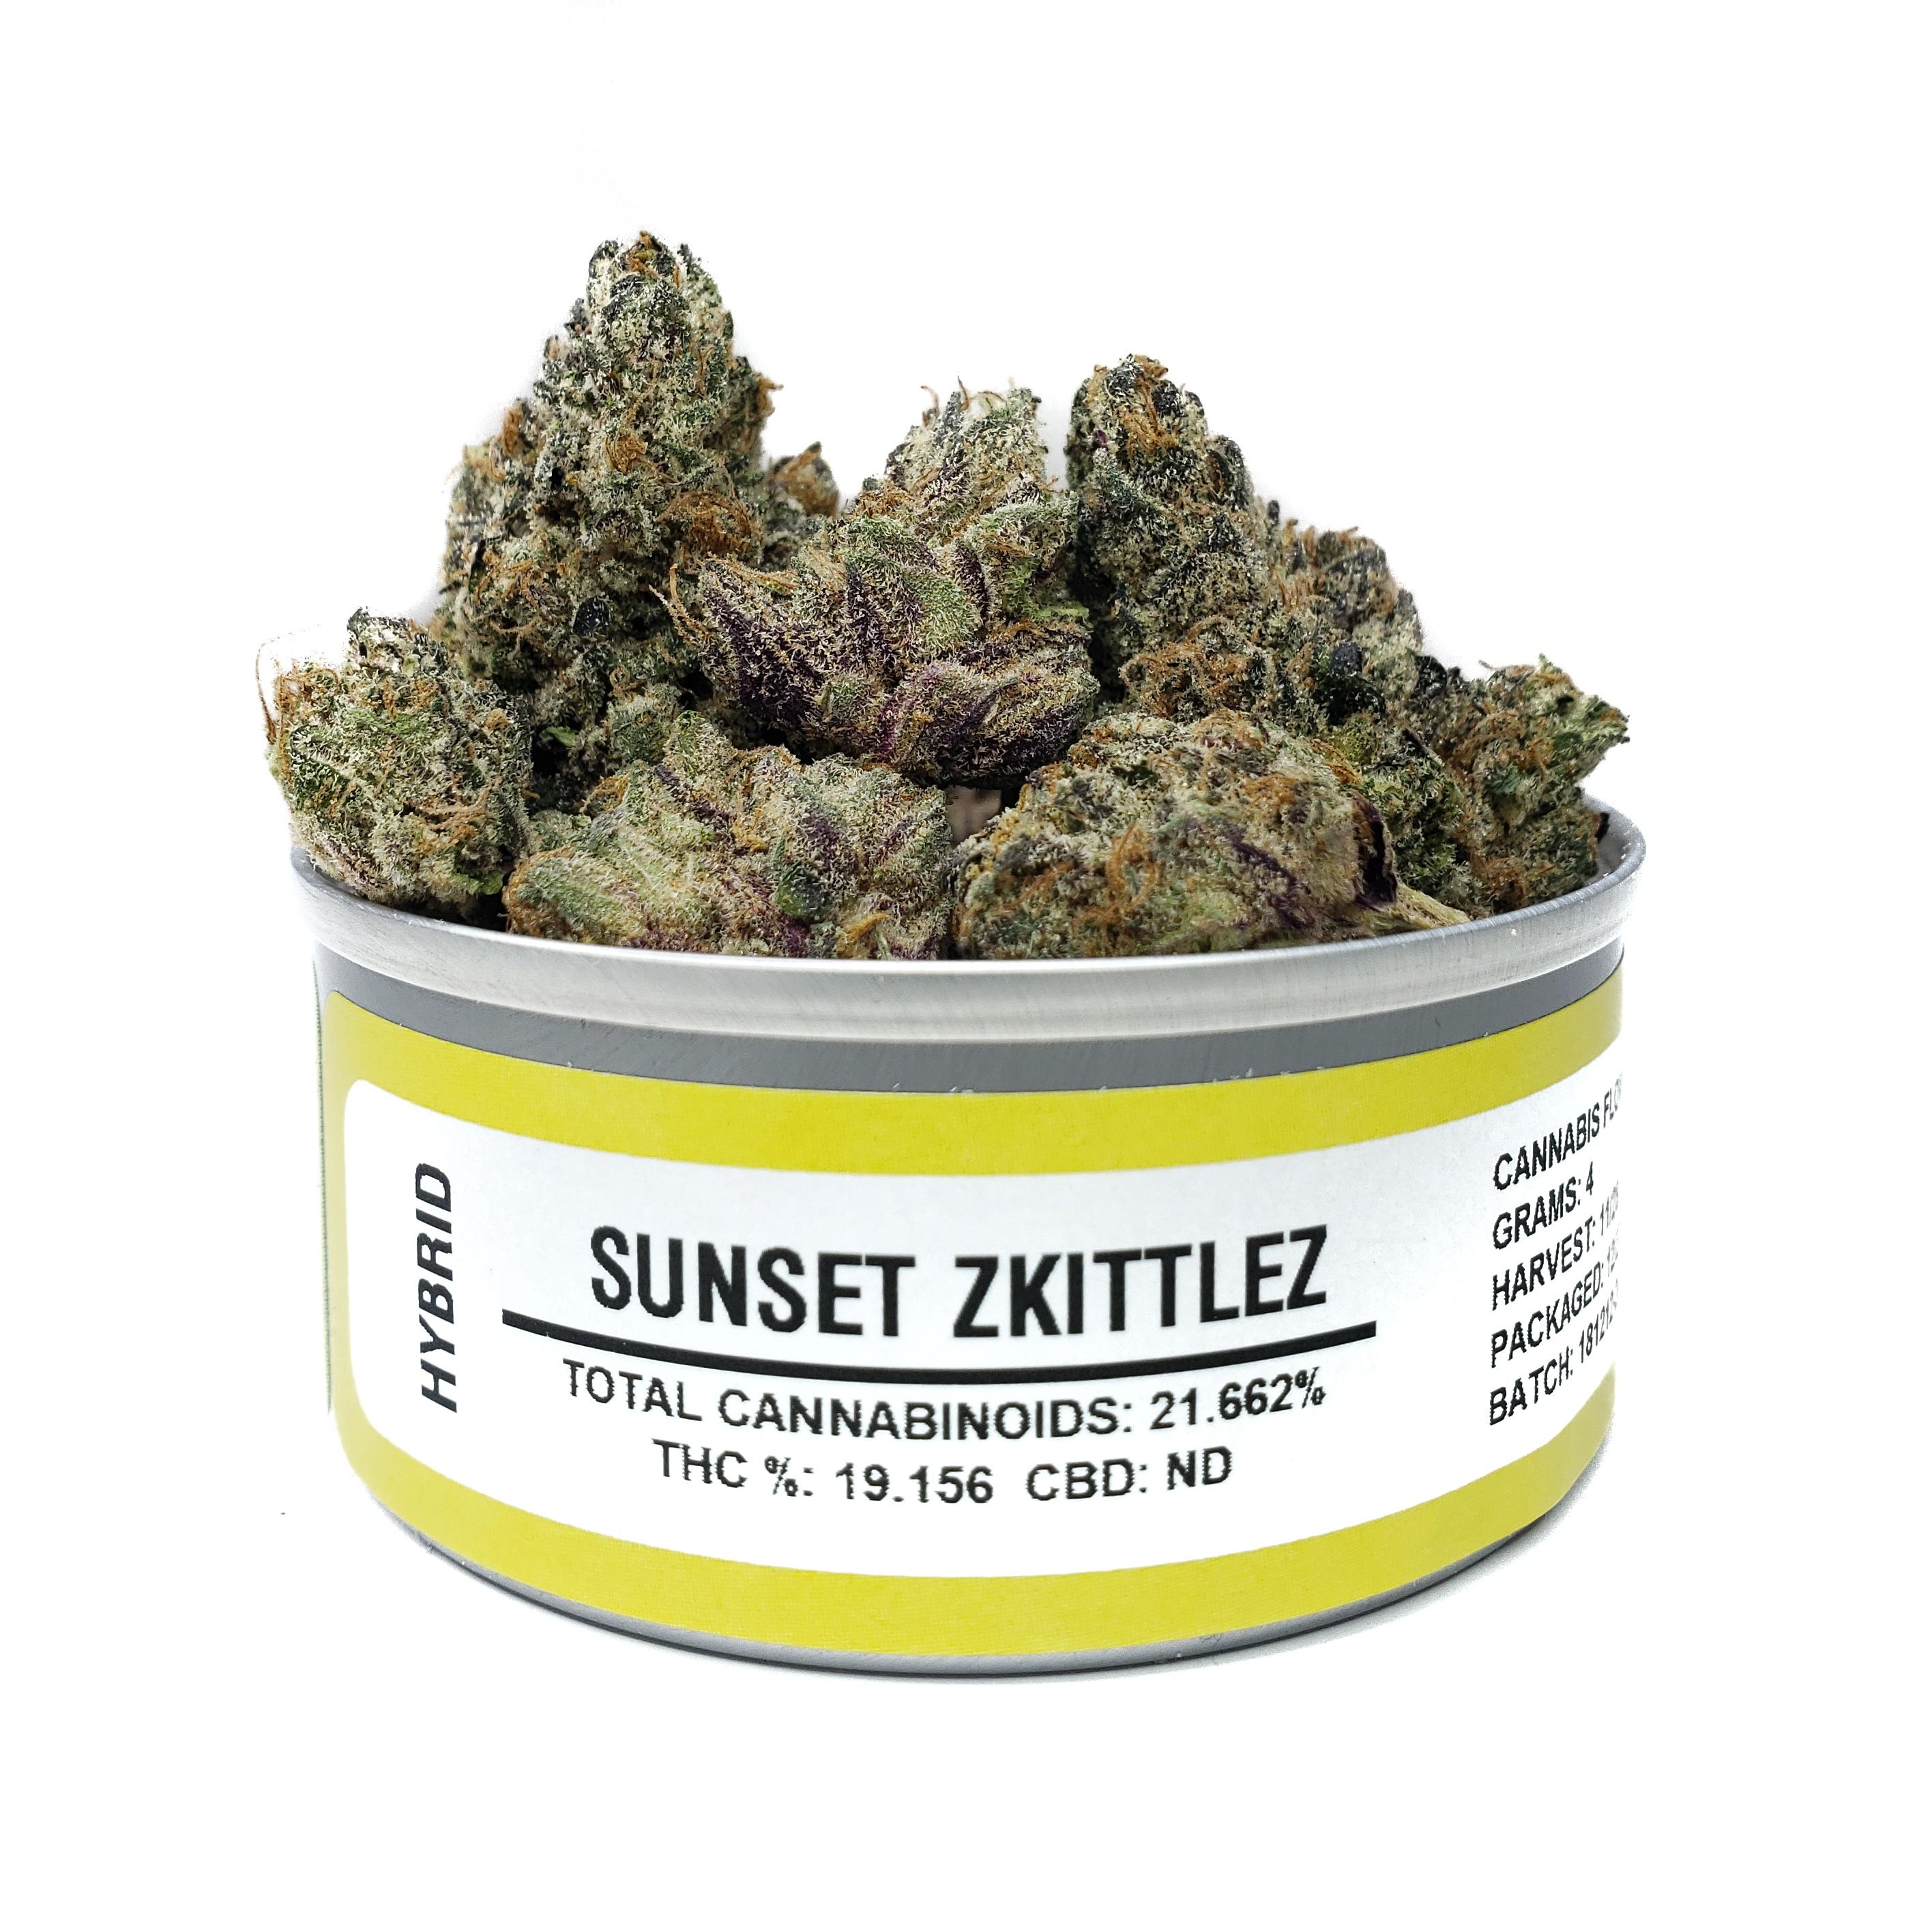 sunsetzkittlezCan